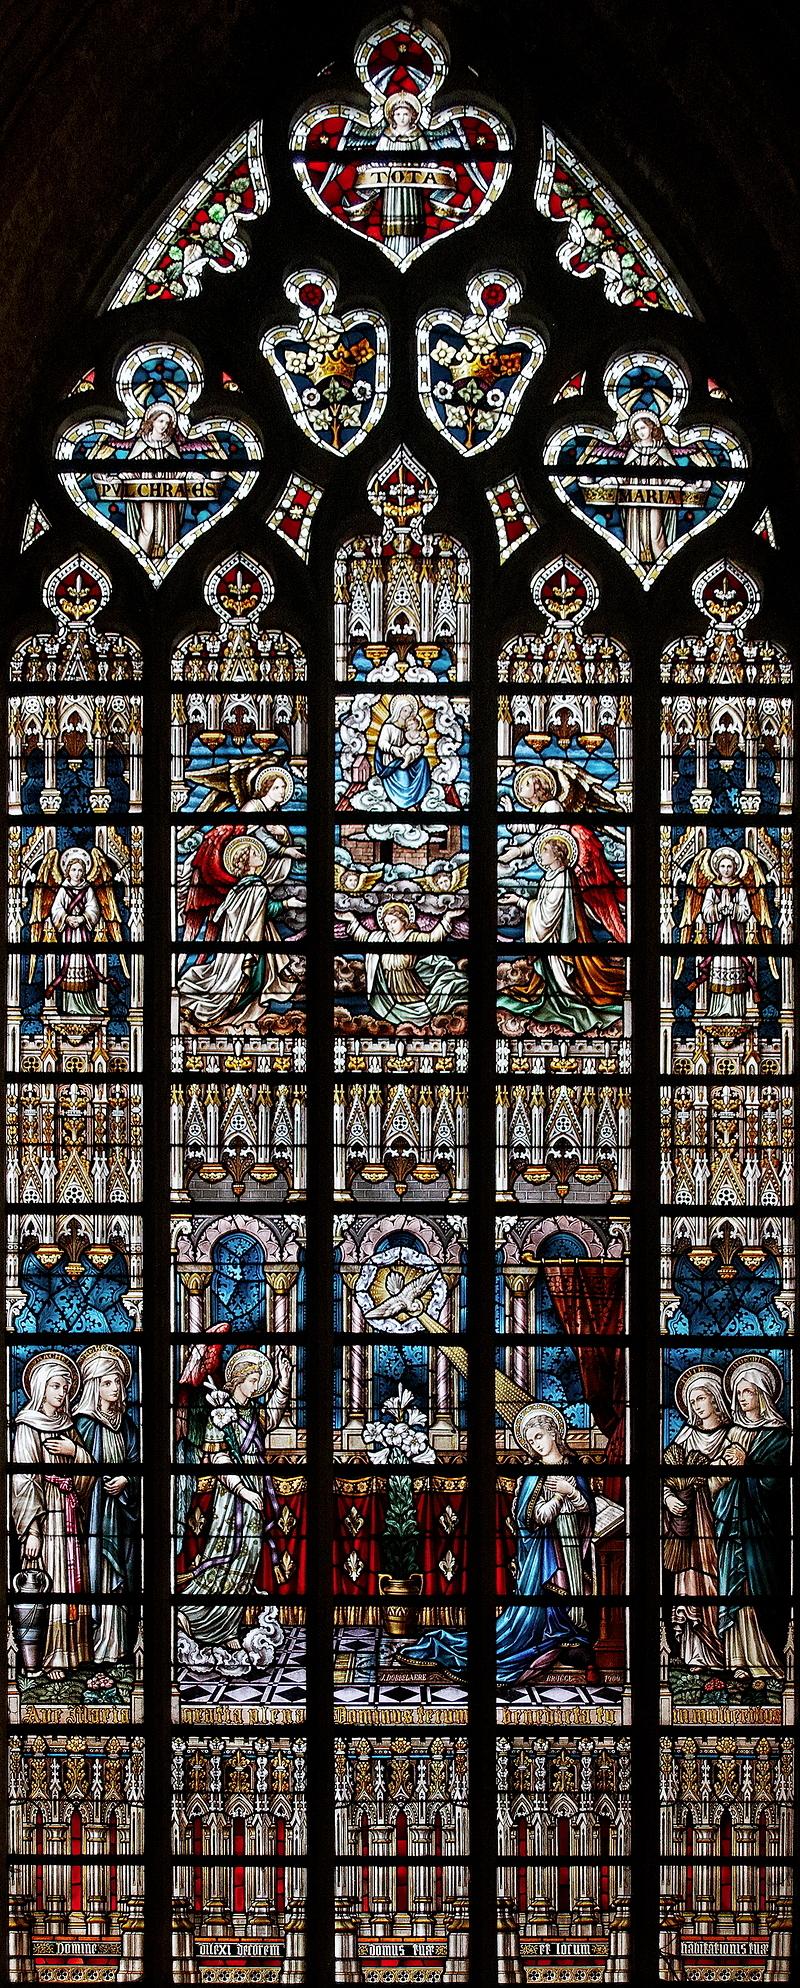 St Salvator, Bruges: Annunciation Window